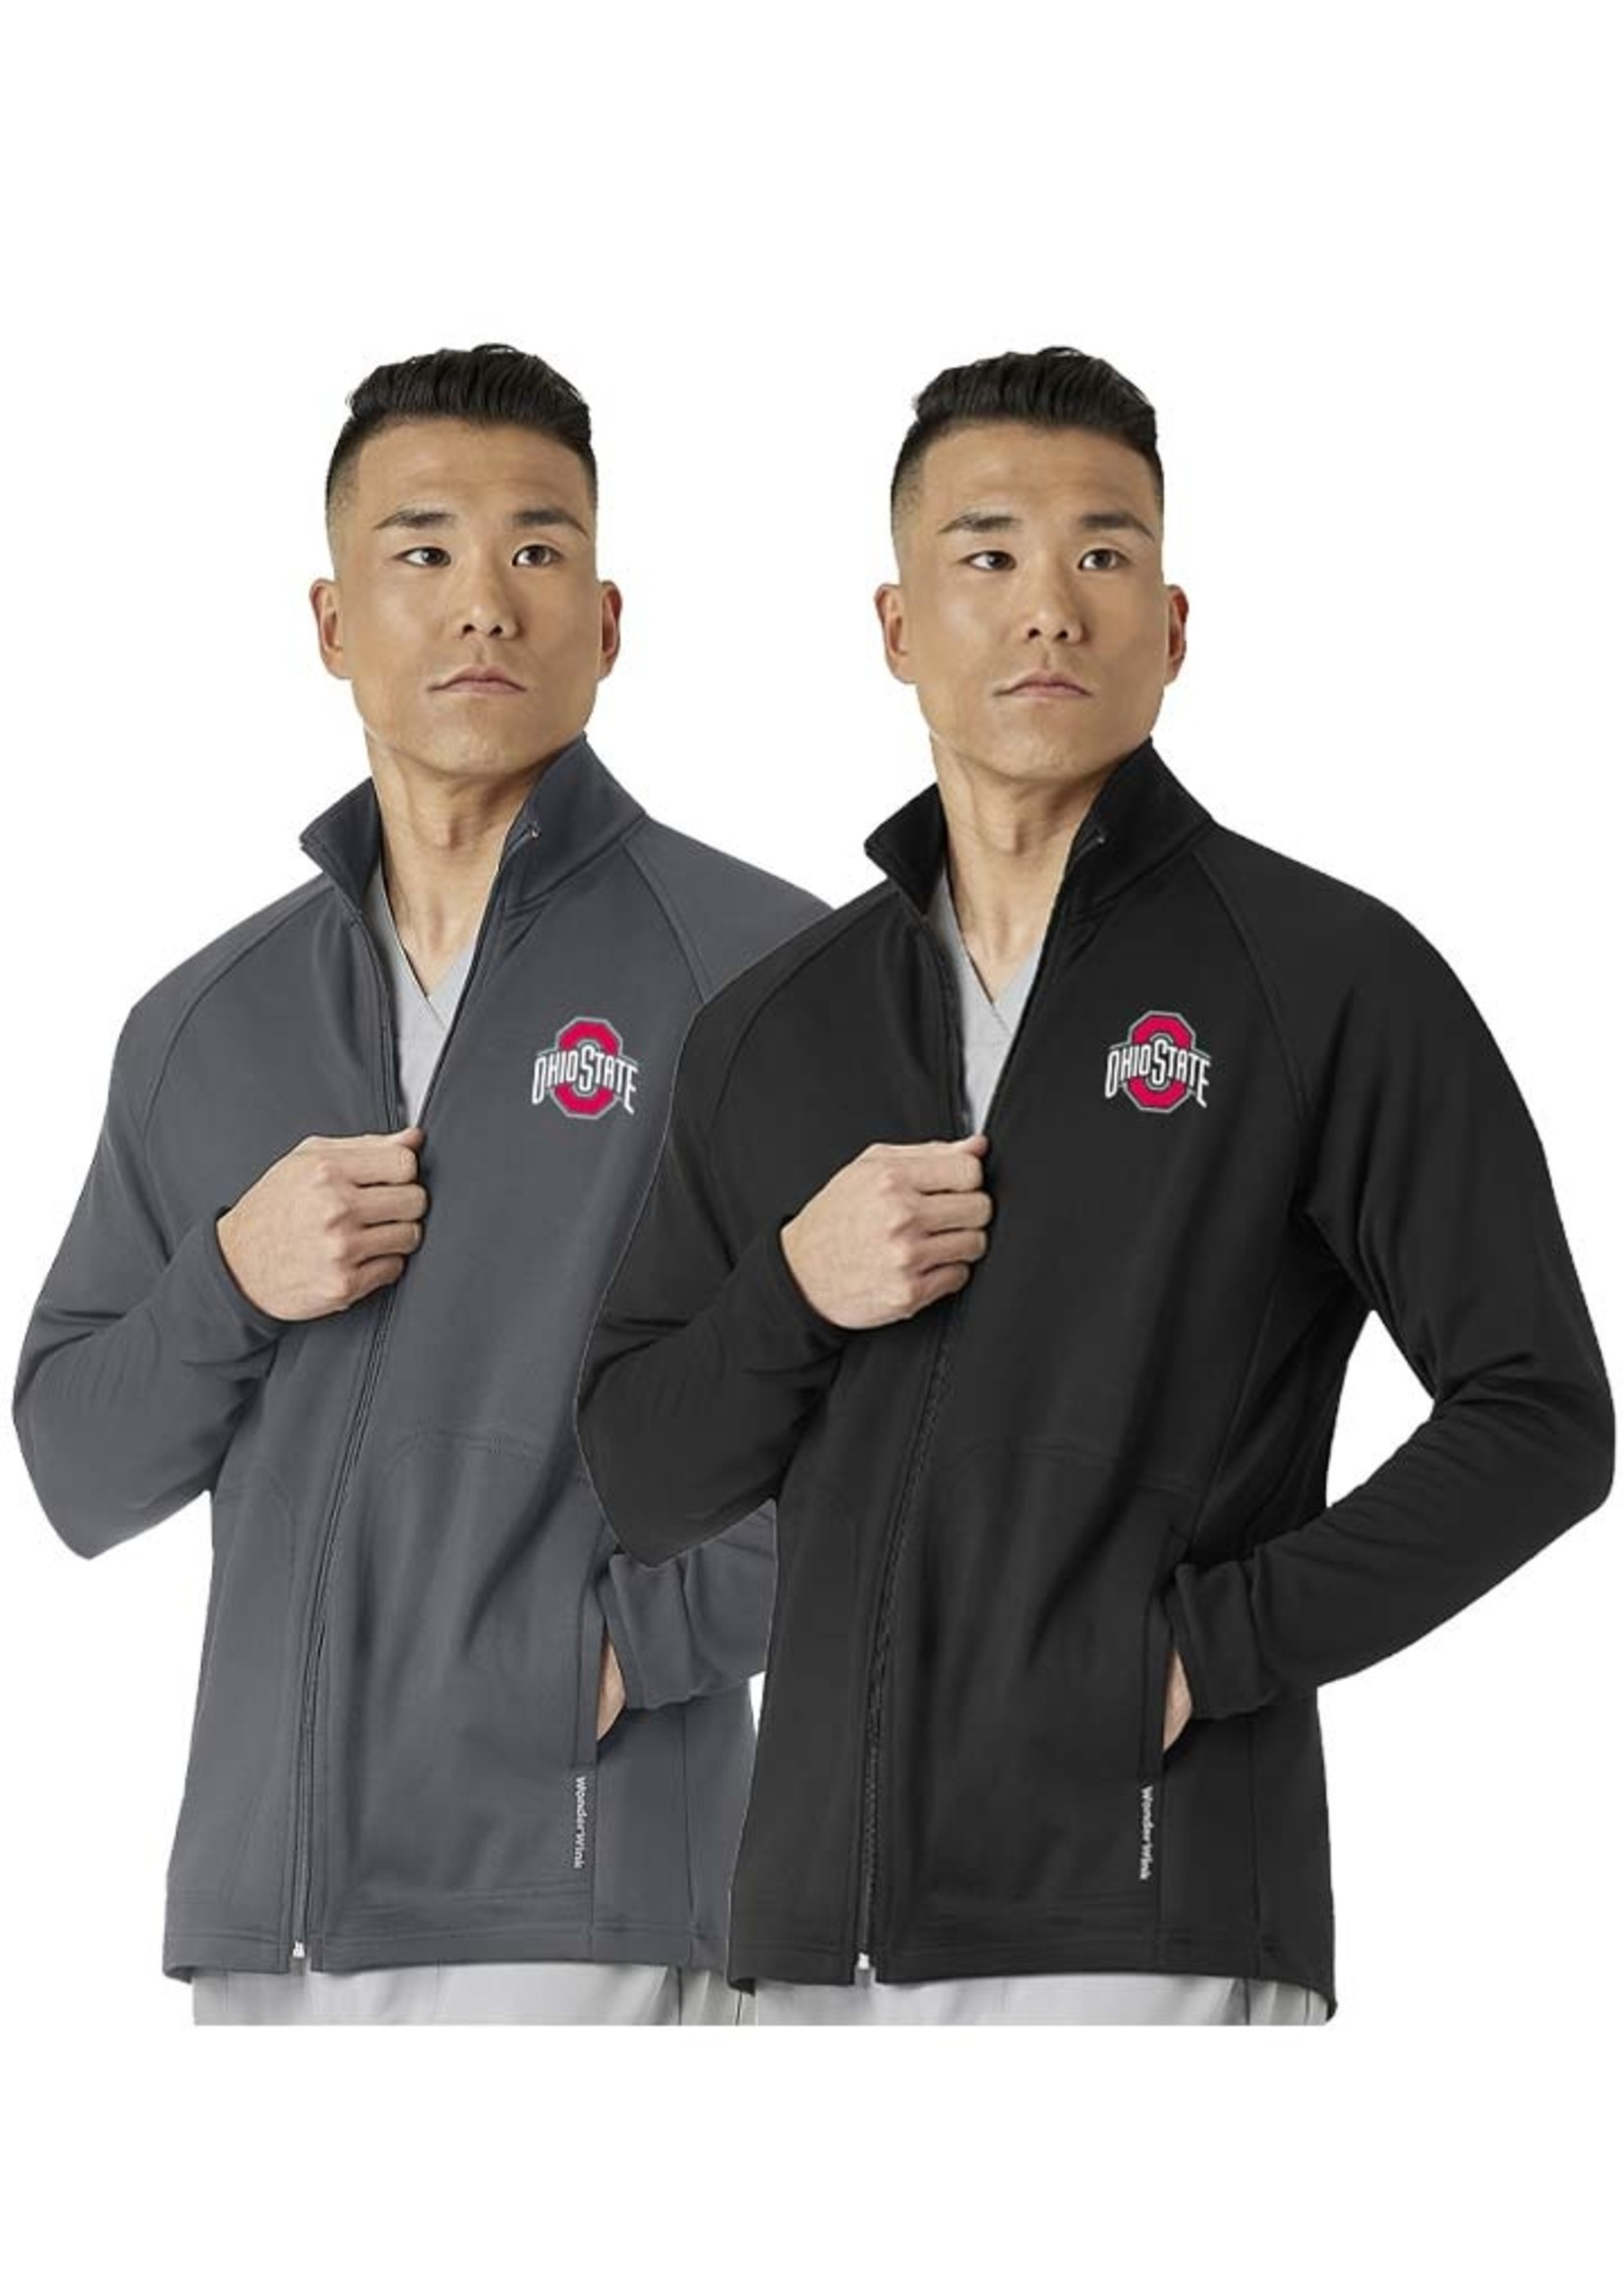 Ohio State Buckeyes Men's Fleece Full Zip Jacket